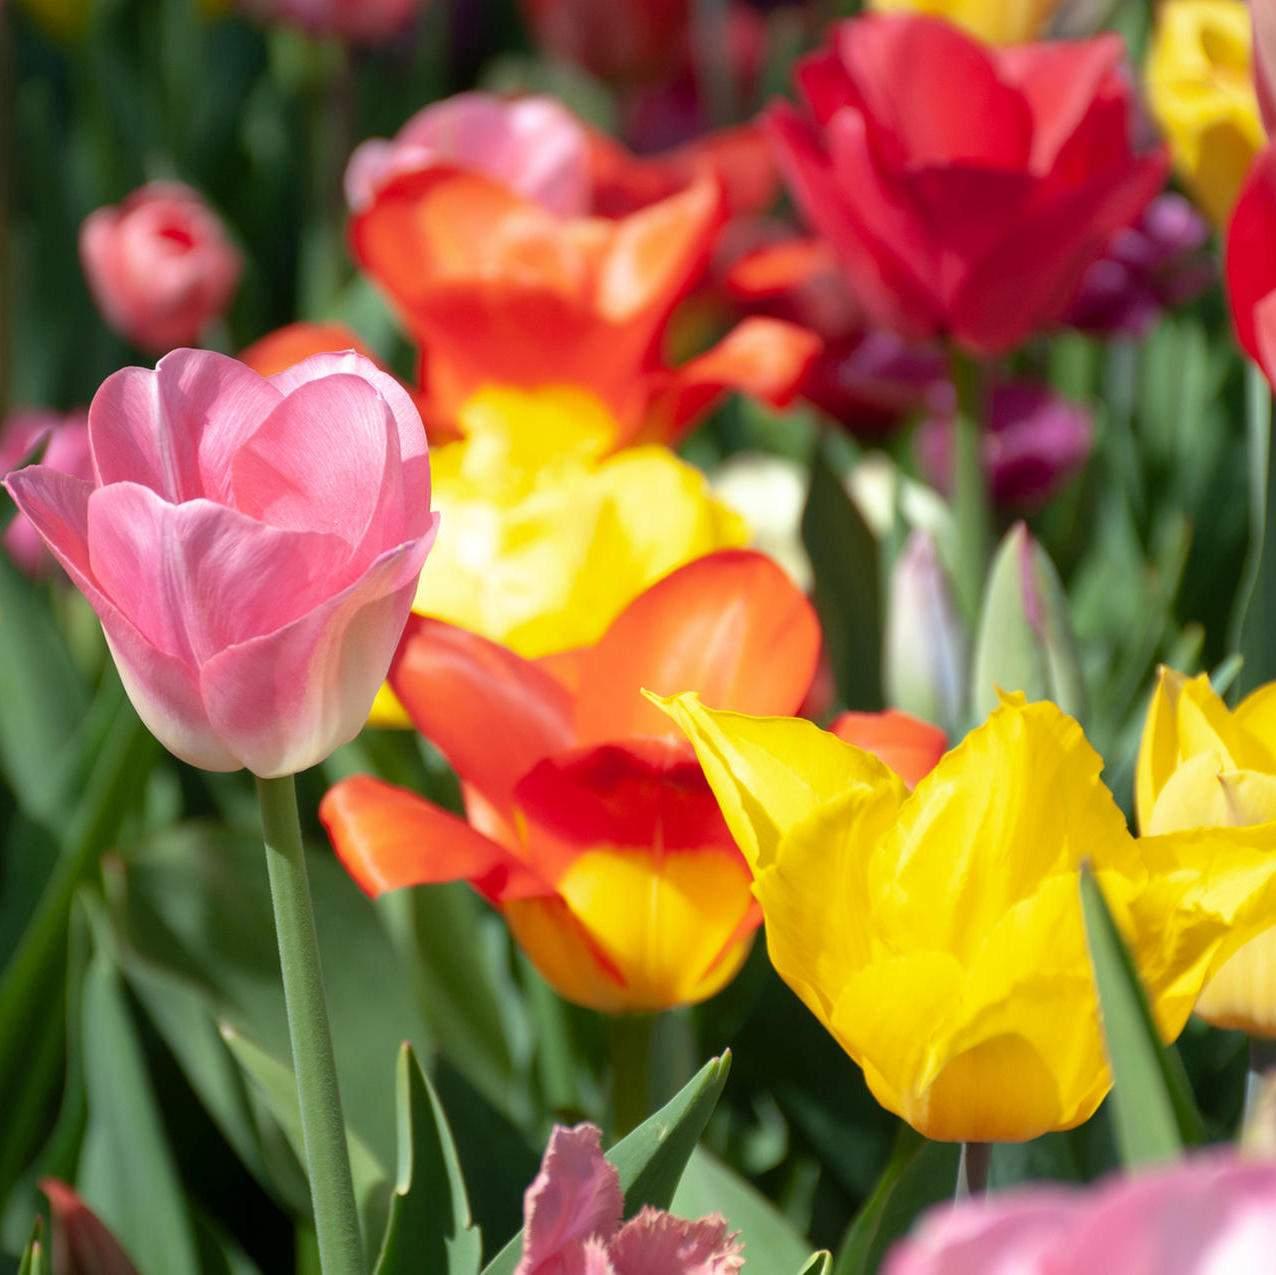 tulpen im garten waehrend der bluetezeit sollten sie tulpen regelmaessig giessen damit erde feucht bleibt